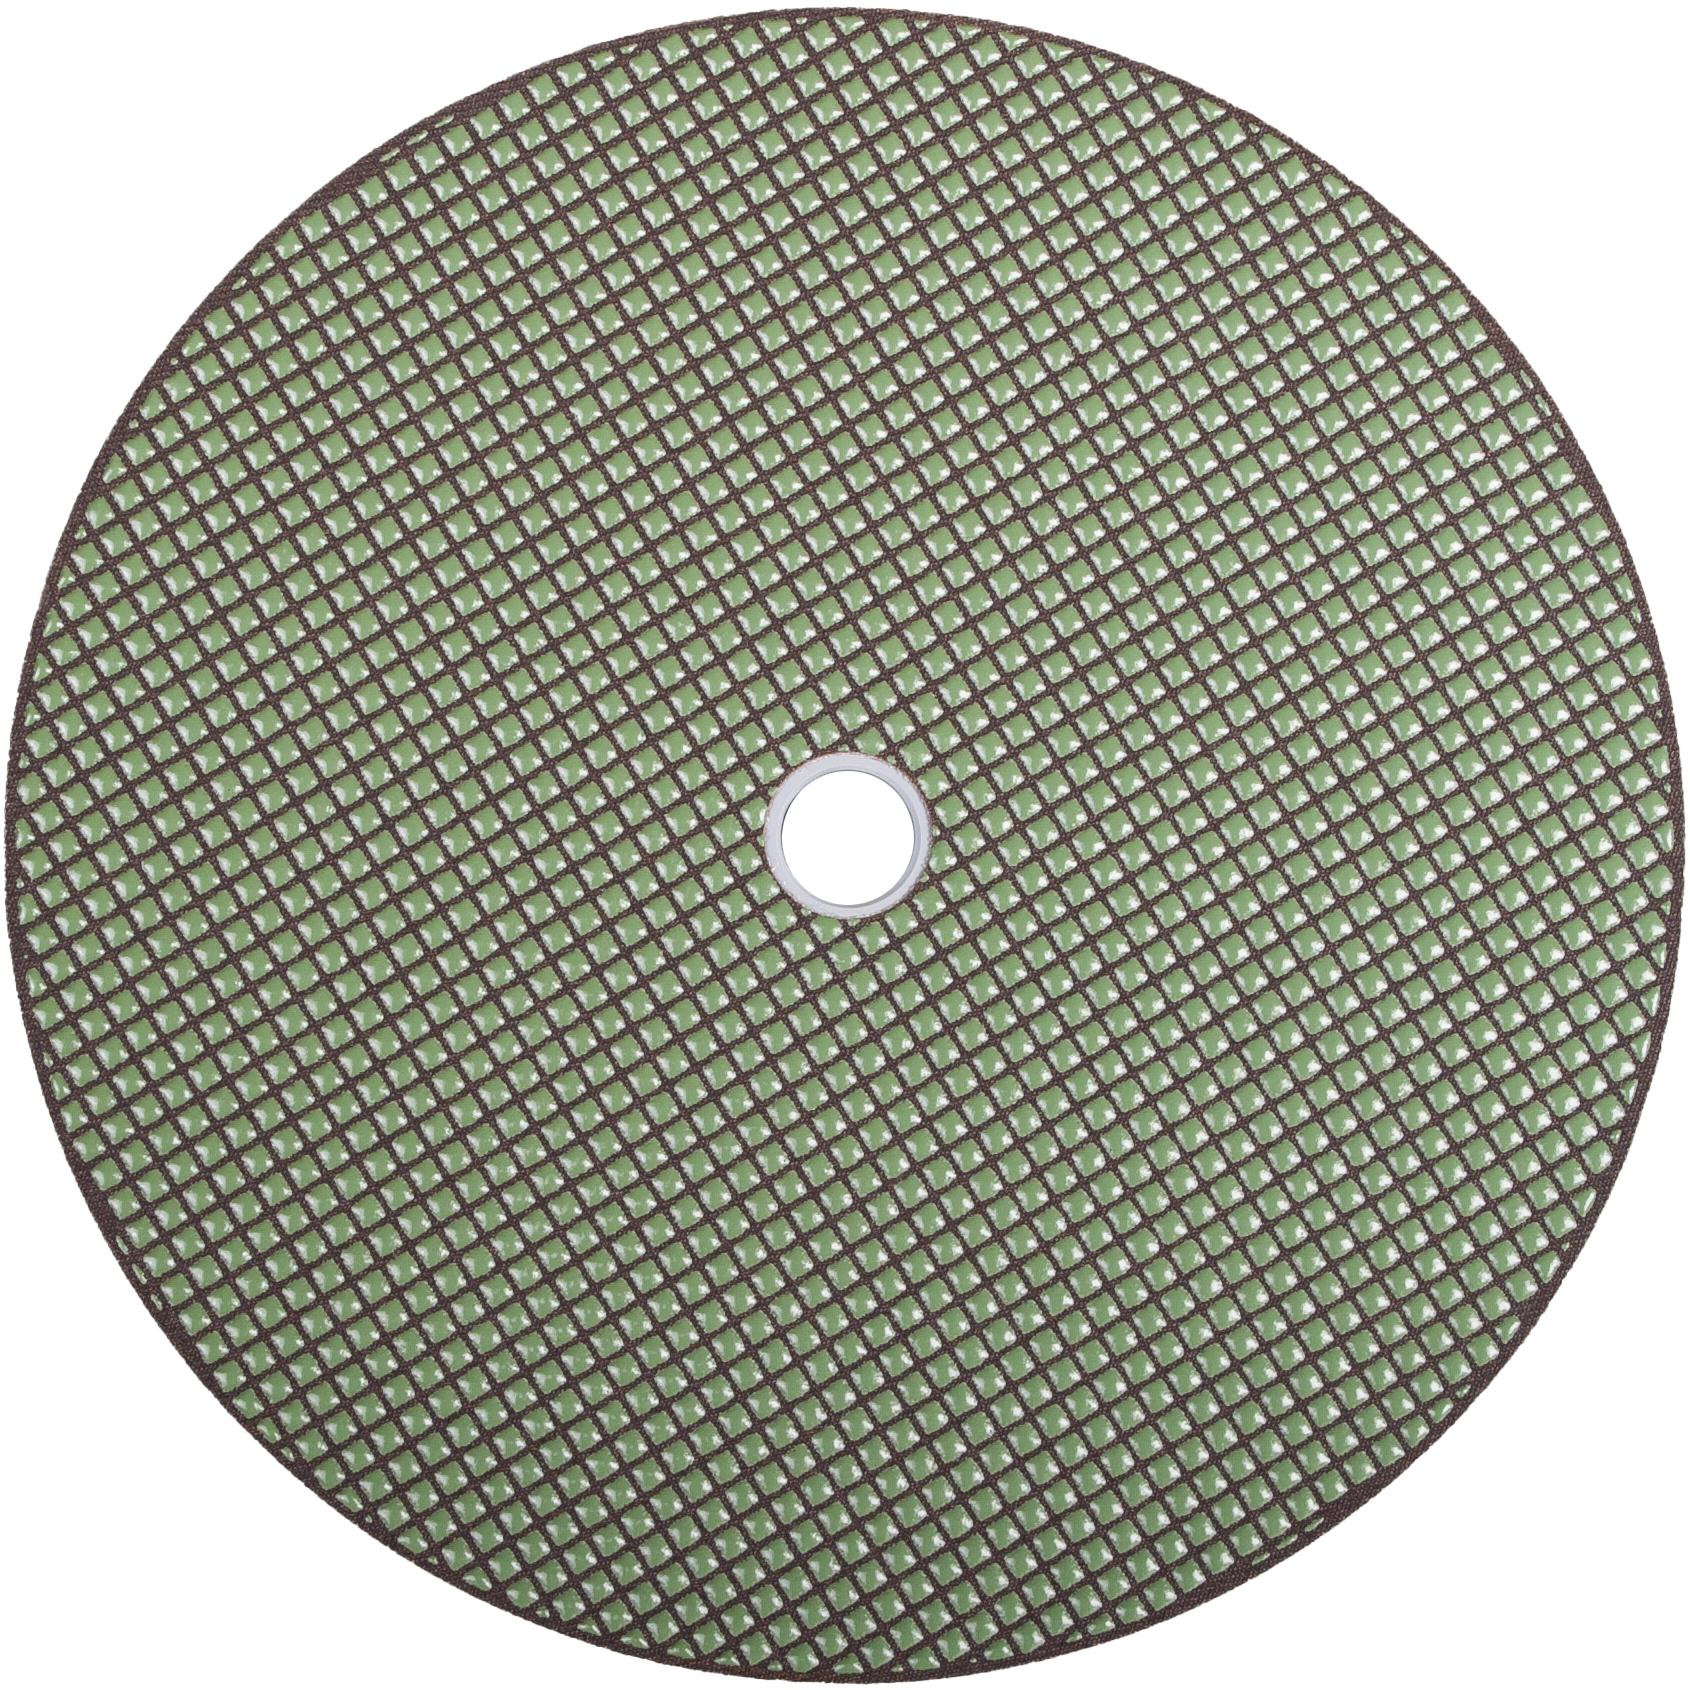 Diamantschleifteller OCTRON ø 250 mm | Klett | Korn 200